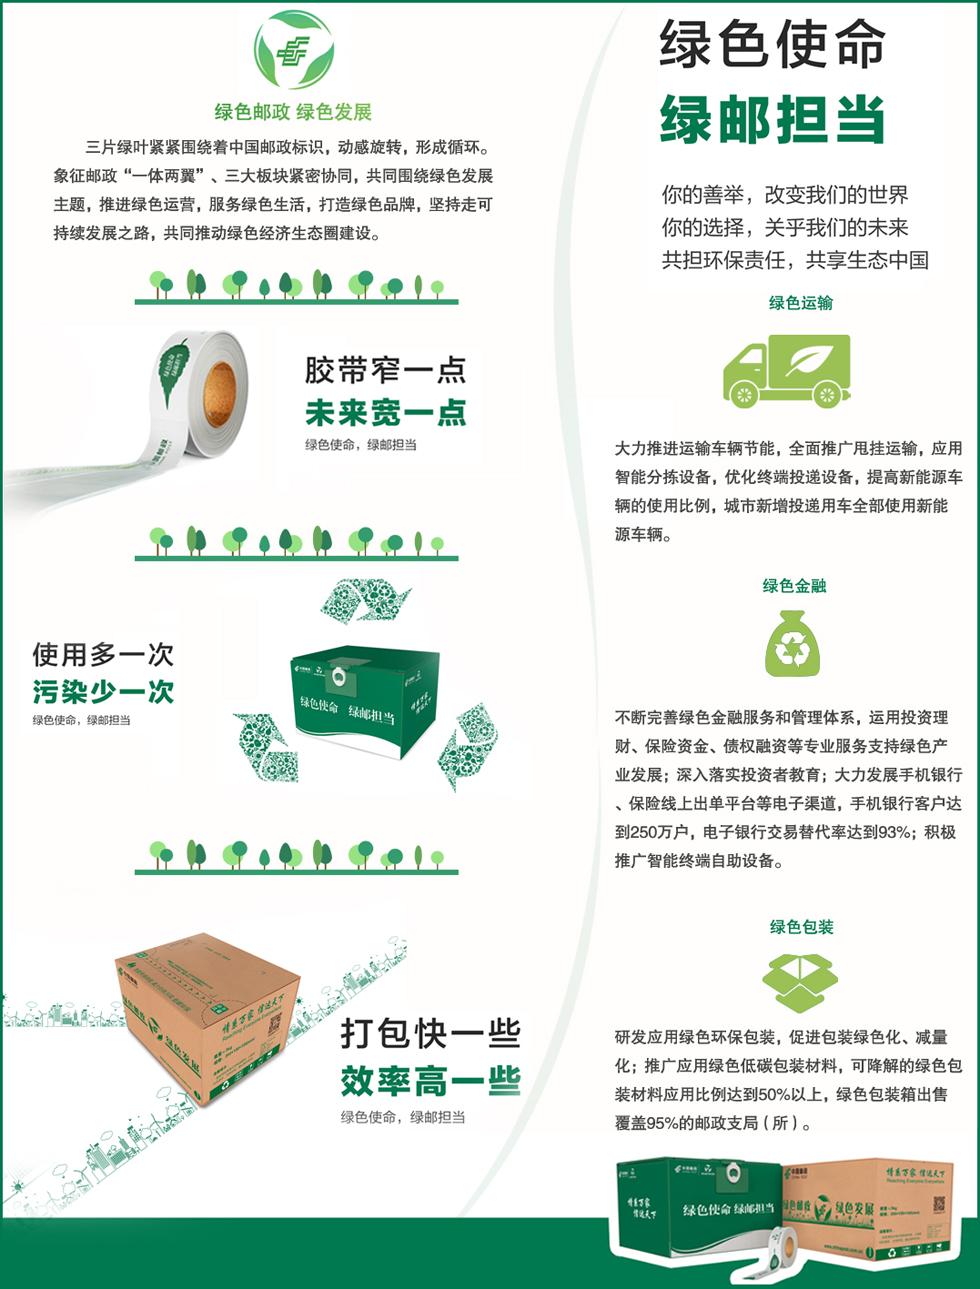 绿色邮政行动